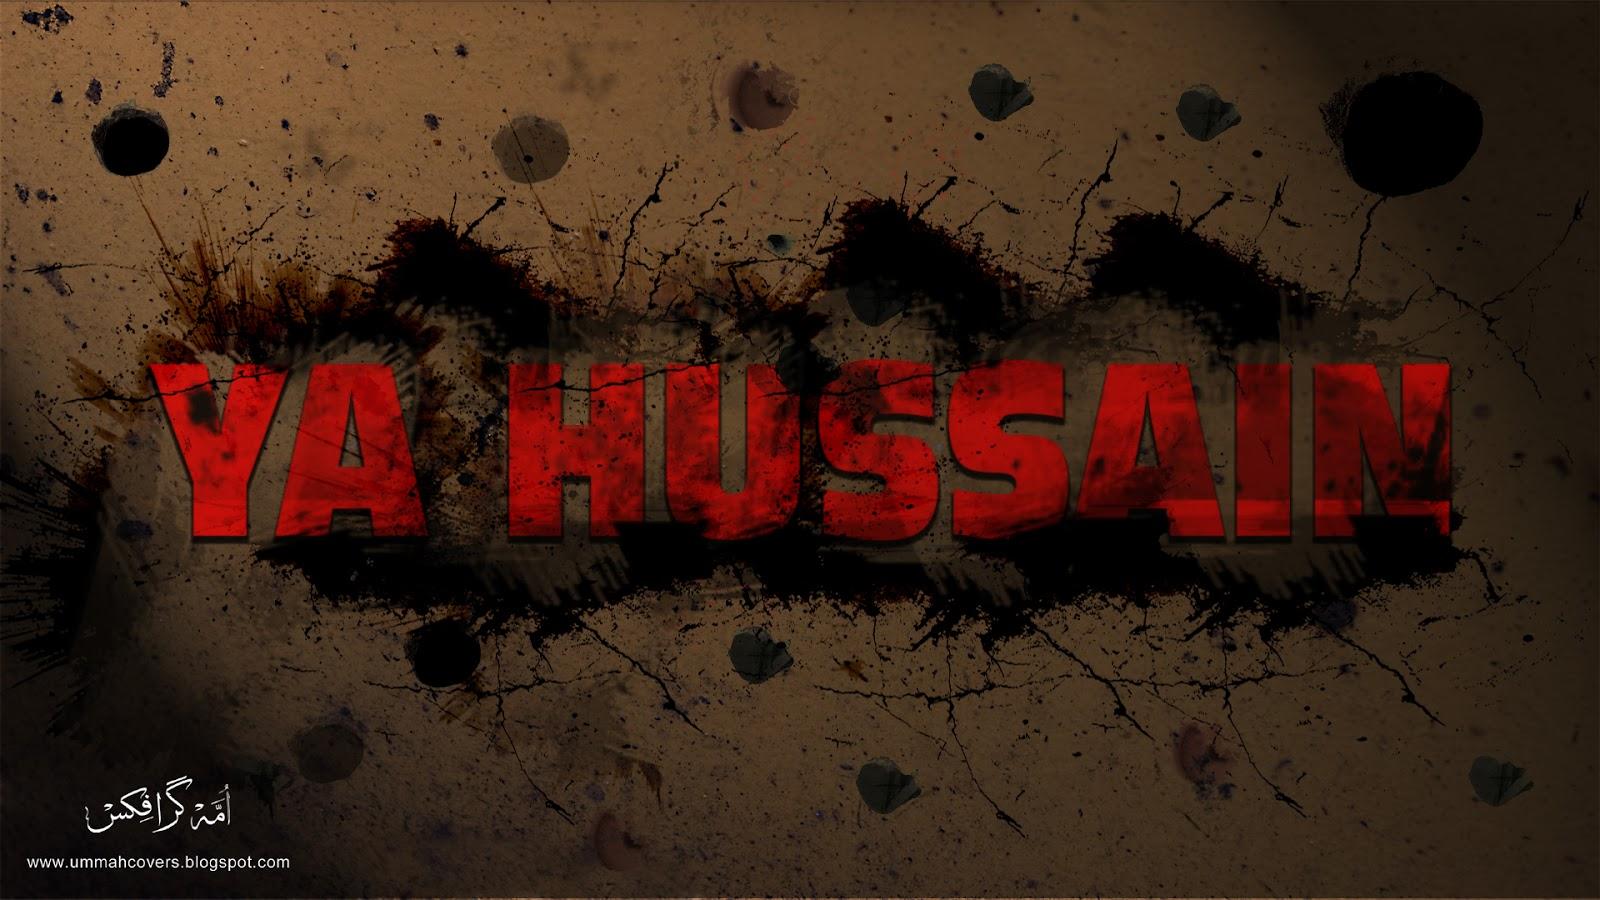 http://4.bp.blogspot.com/-6lrUGGstpWA/UKZfQiy6YkI/AAAAAAAABGA/8JDqJIC3m-U/s1600/Hussain%20Blood%20copy.jpg